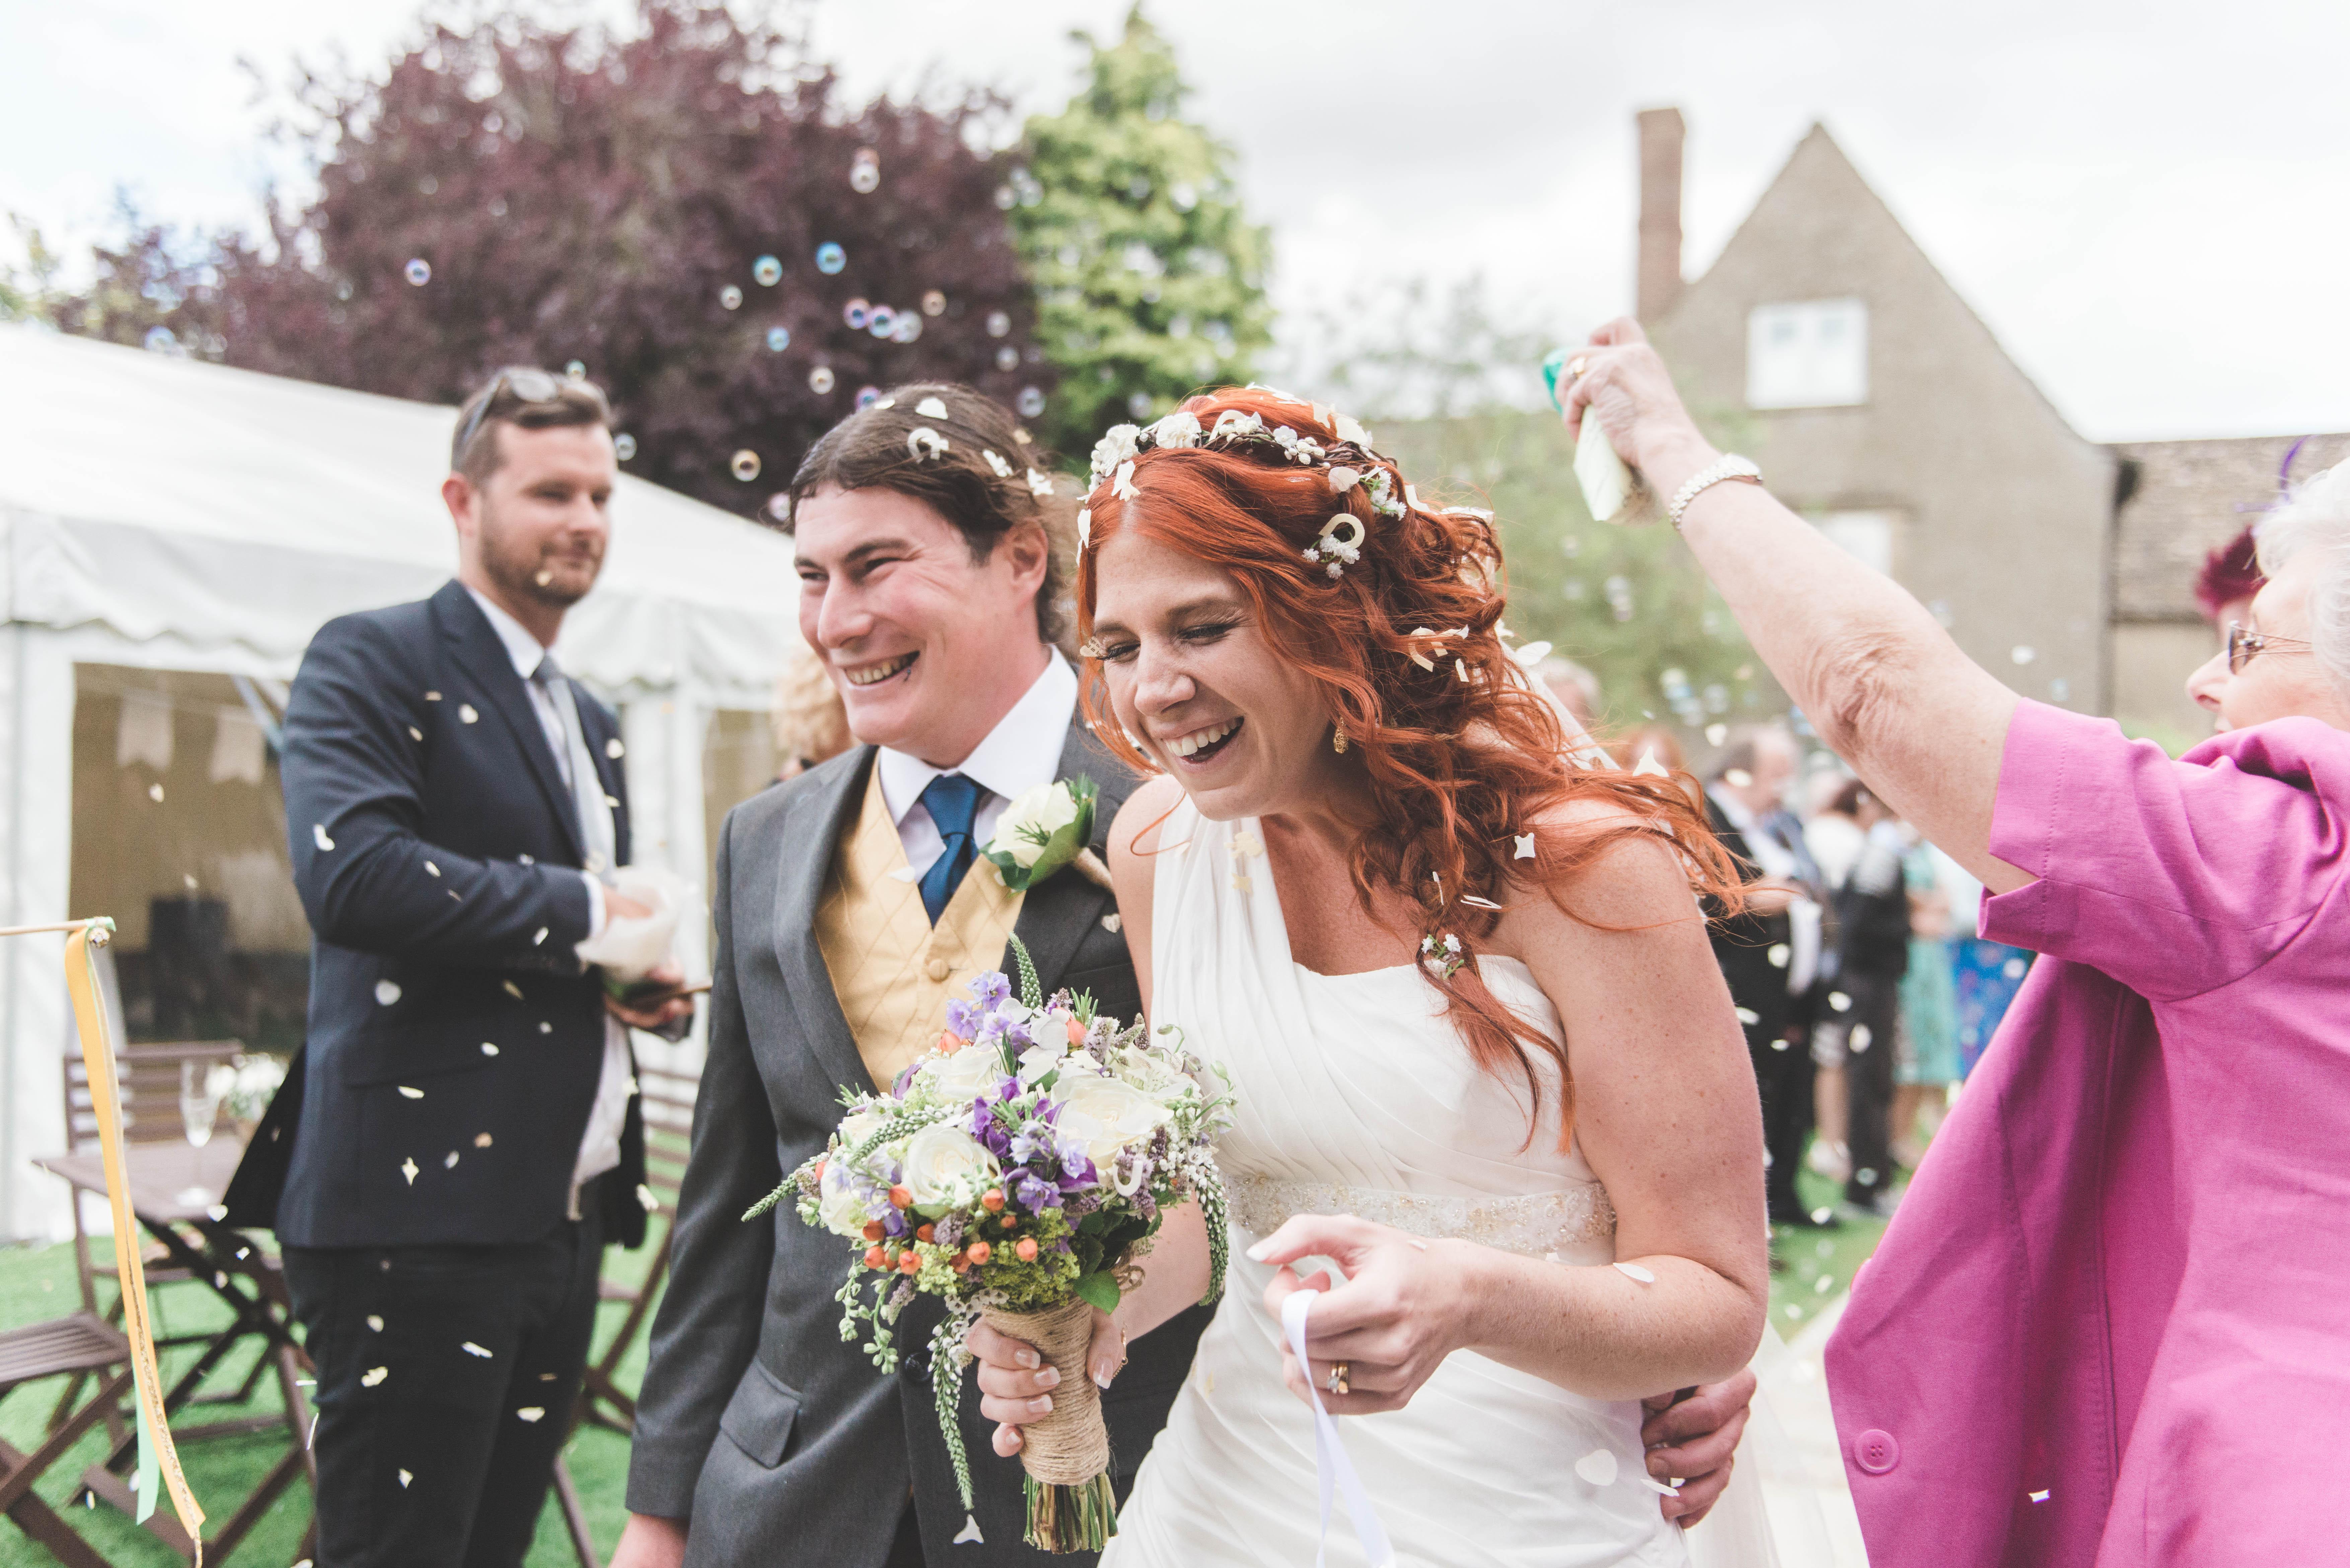 Stockholm trouwfotograaf - Bruid en bruidegom worden bedolven onder confetti tijdens hun bruiloft in Engeland